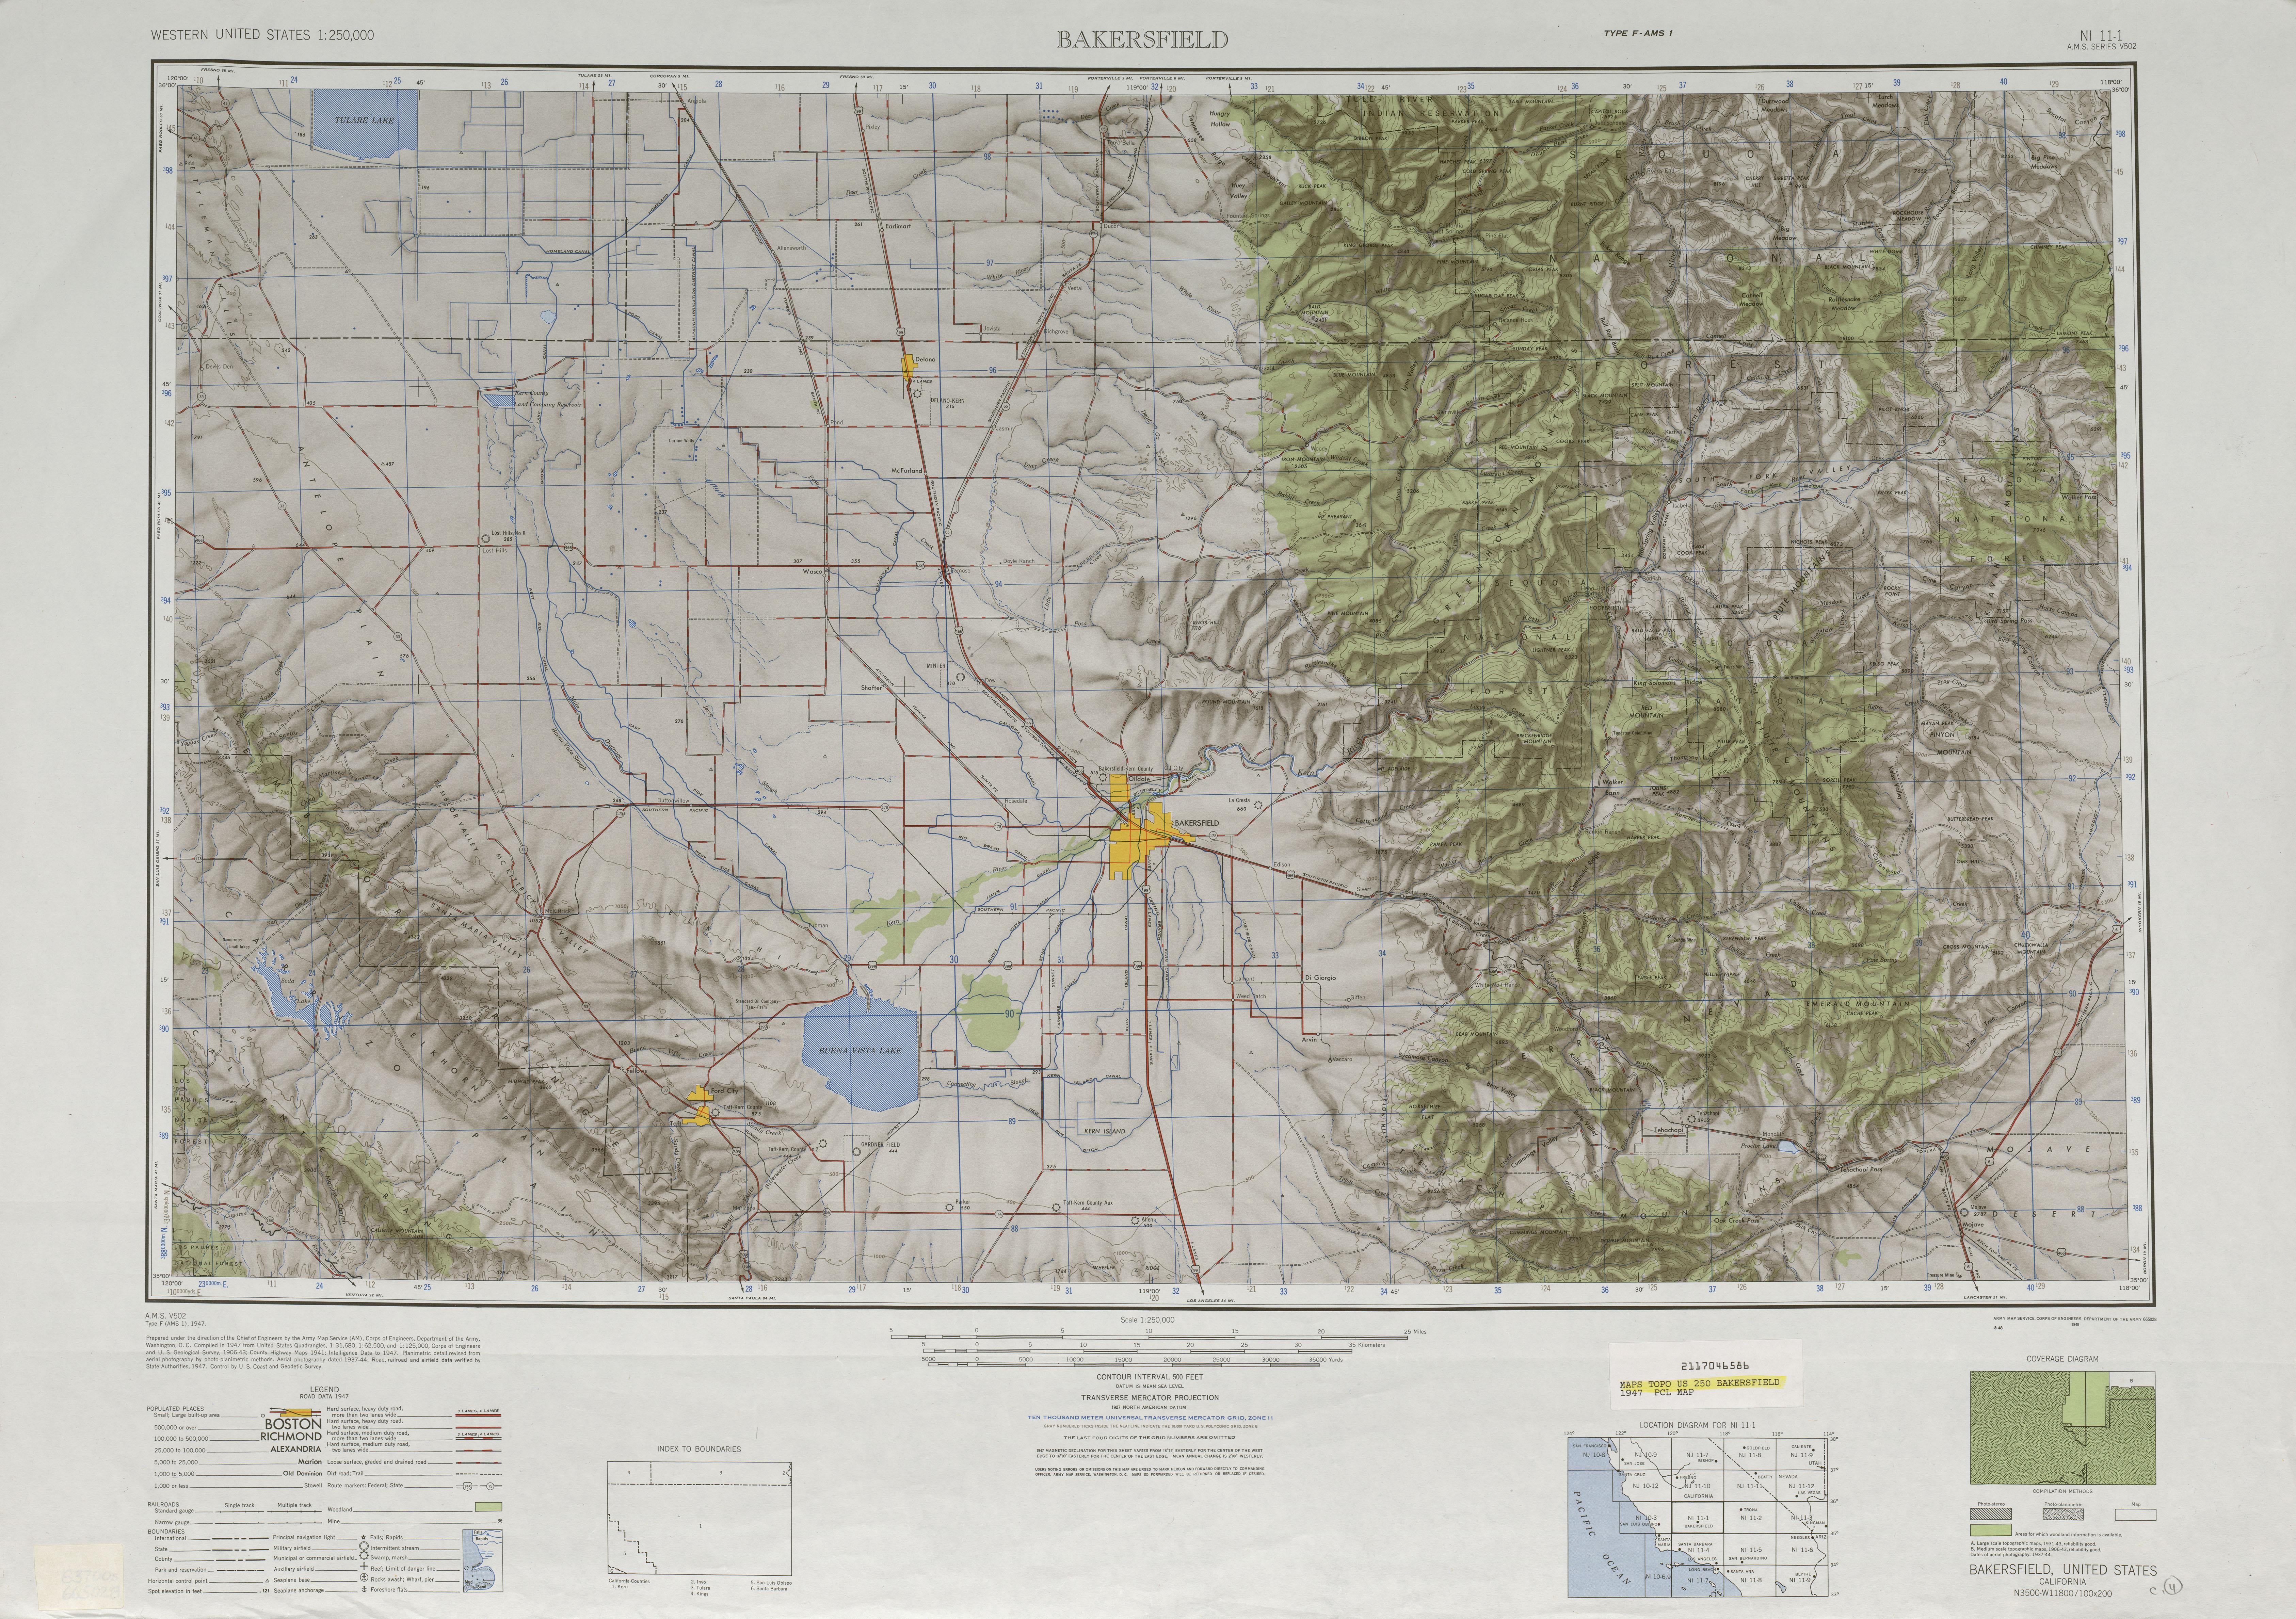 Hoja Bakersfield del Mapa de Relieve Sombreado de los Estados Unidos 1947